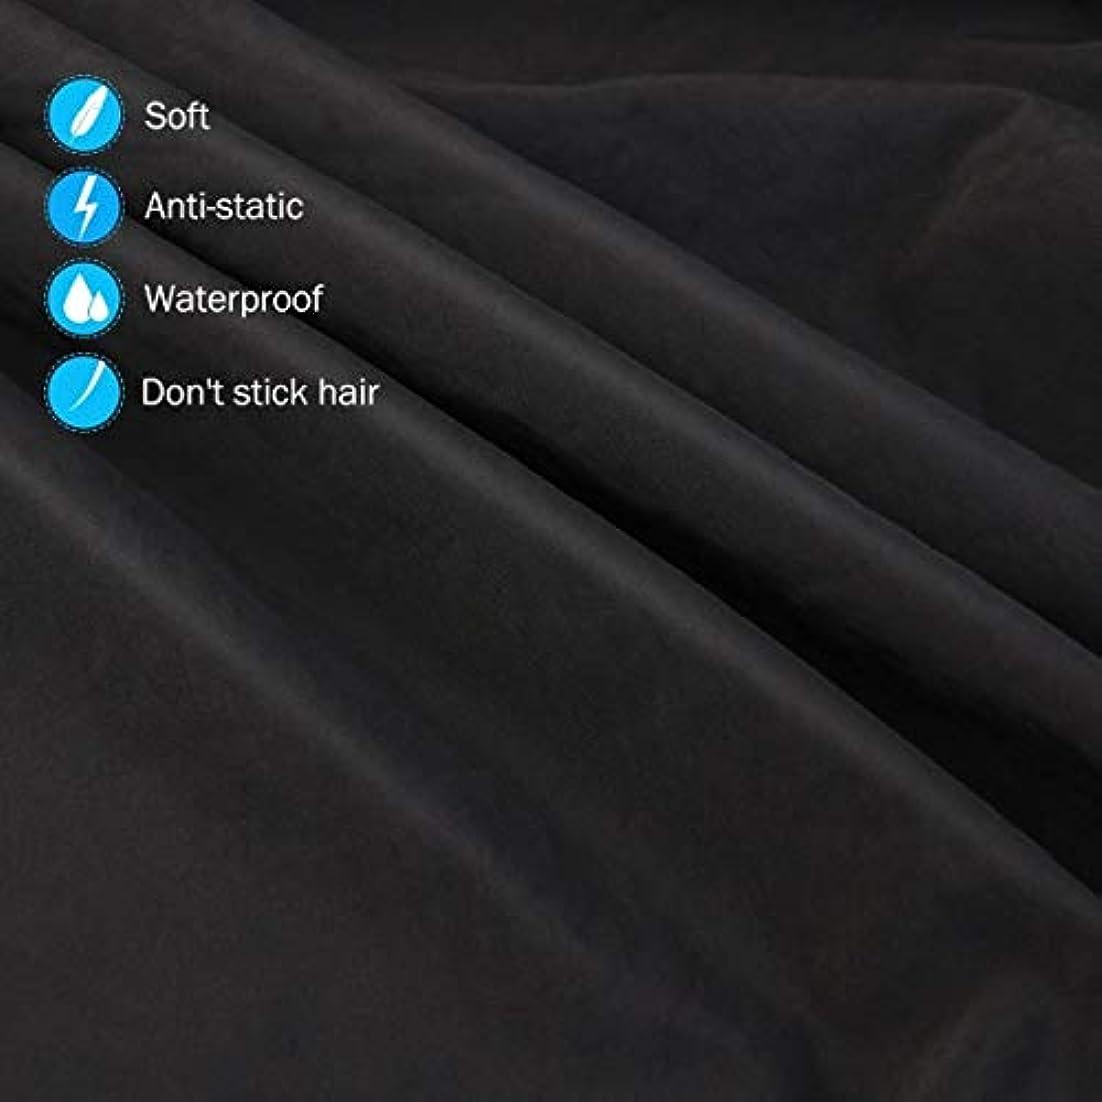 ルーム蒸発件名HIZLJJ 大広間の家の理髪師の観覧の窓が付いている理髪ケープのガウン毛の切断のための目に見える観覧の窓が付いている防水大広間のガウンのエプロン